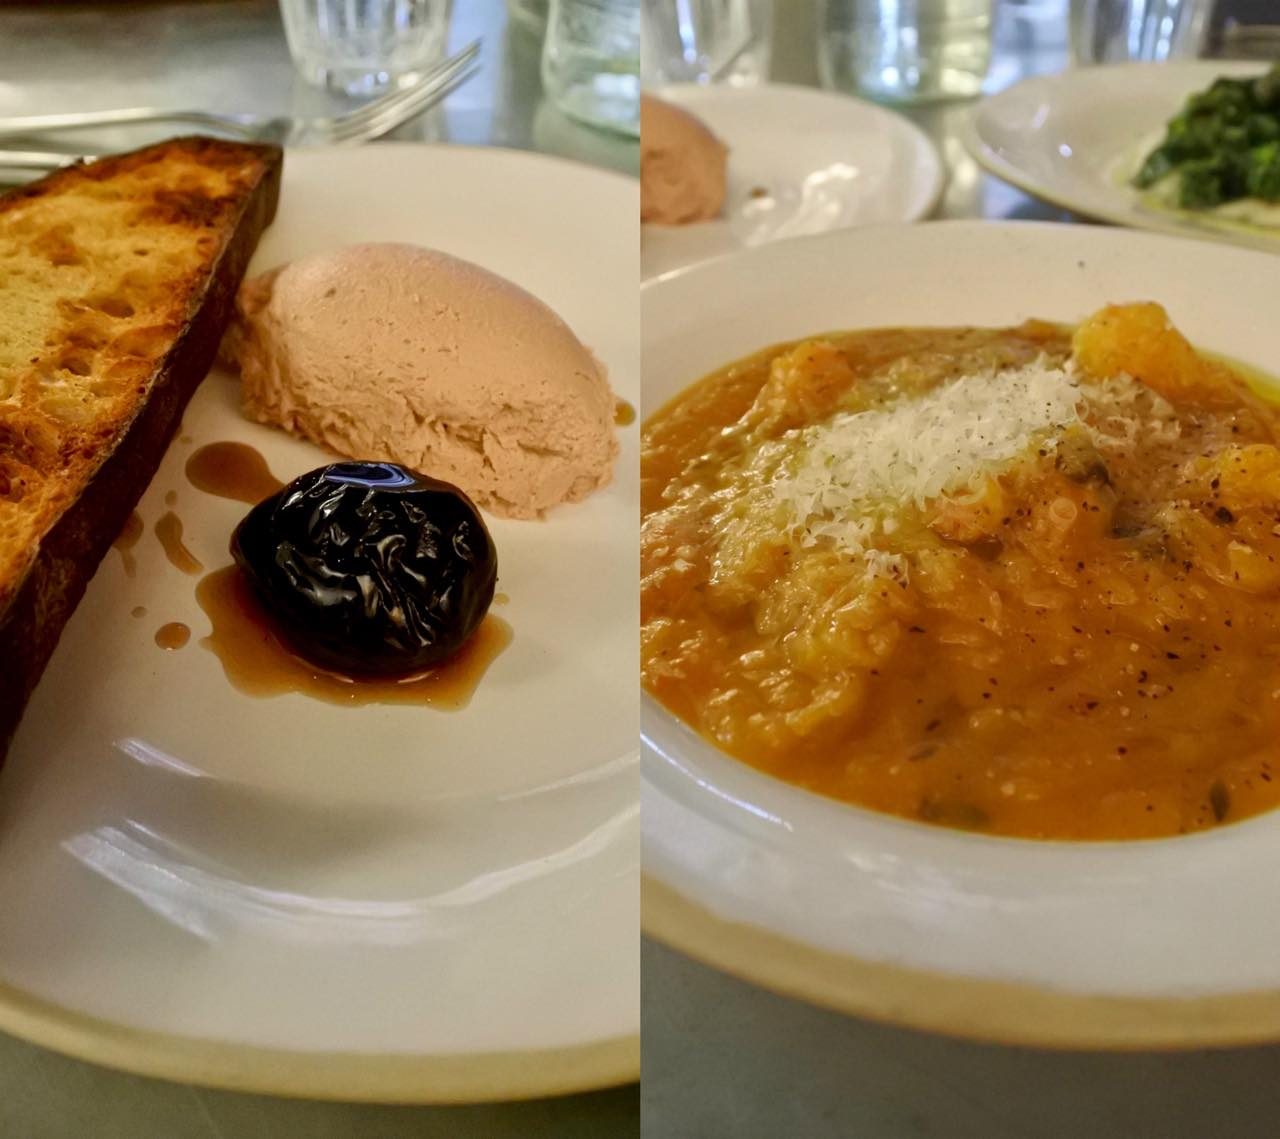 左は鴨レバーのパフェ+プルーンのピクルス。リッチなパフェにピクルスの酸味がマッチ。右は栗とカボチャとポテトのスープ。わざと固形を残した食べ応えあるスープだけど、乳製品を混ぜていないせいか、さっぱりといただける新鮮さあり。どちらもセット・メニューの前菜。